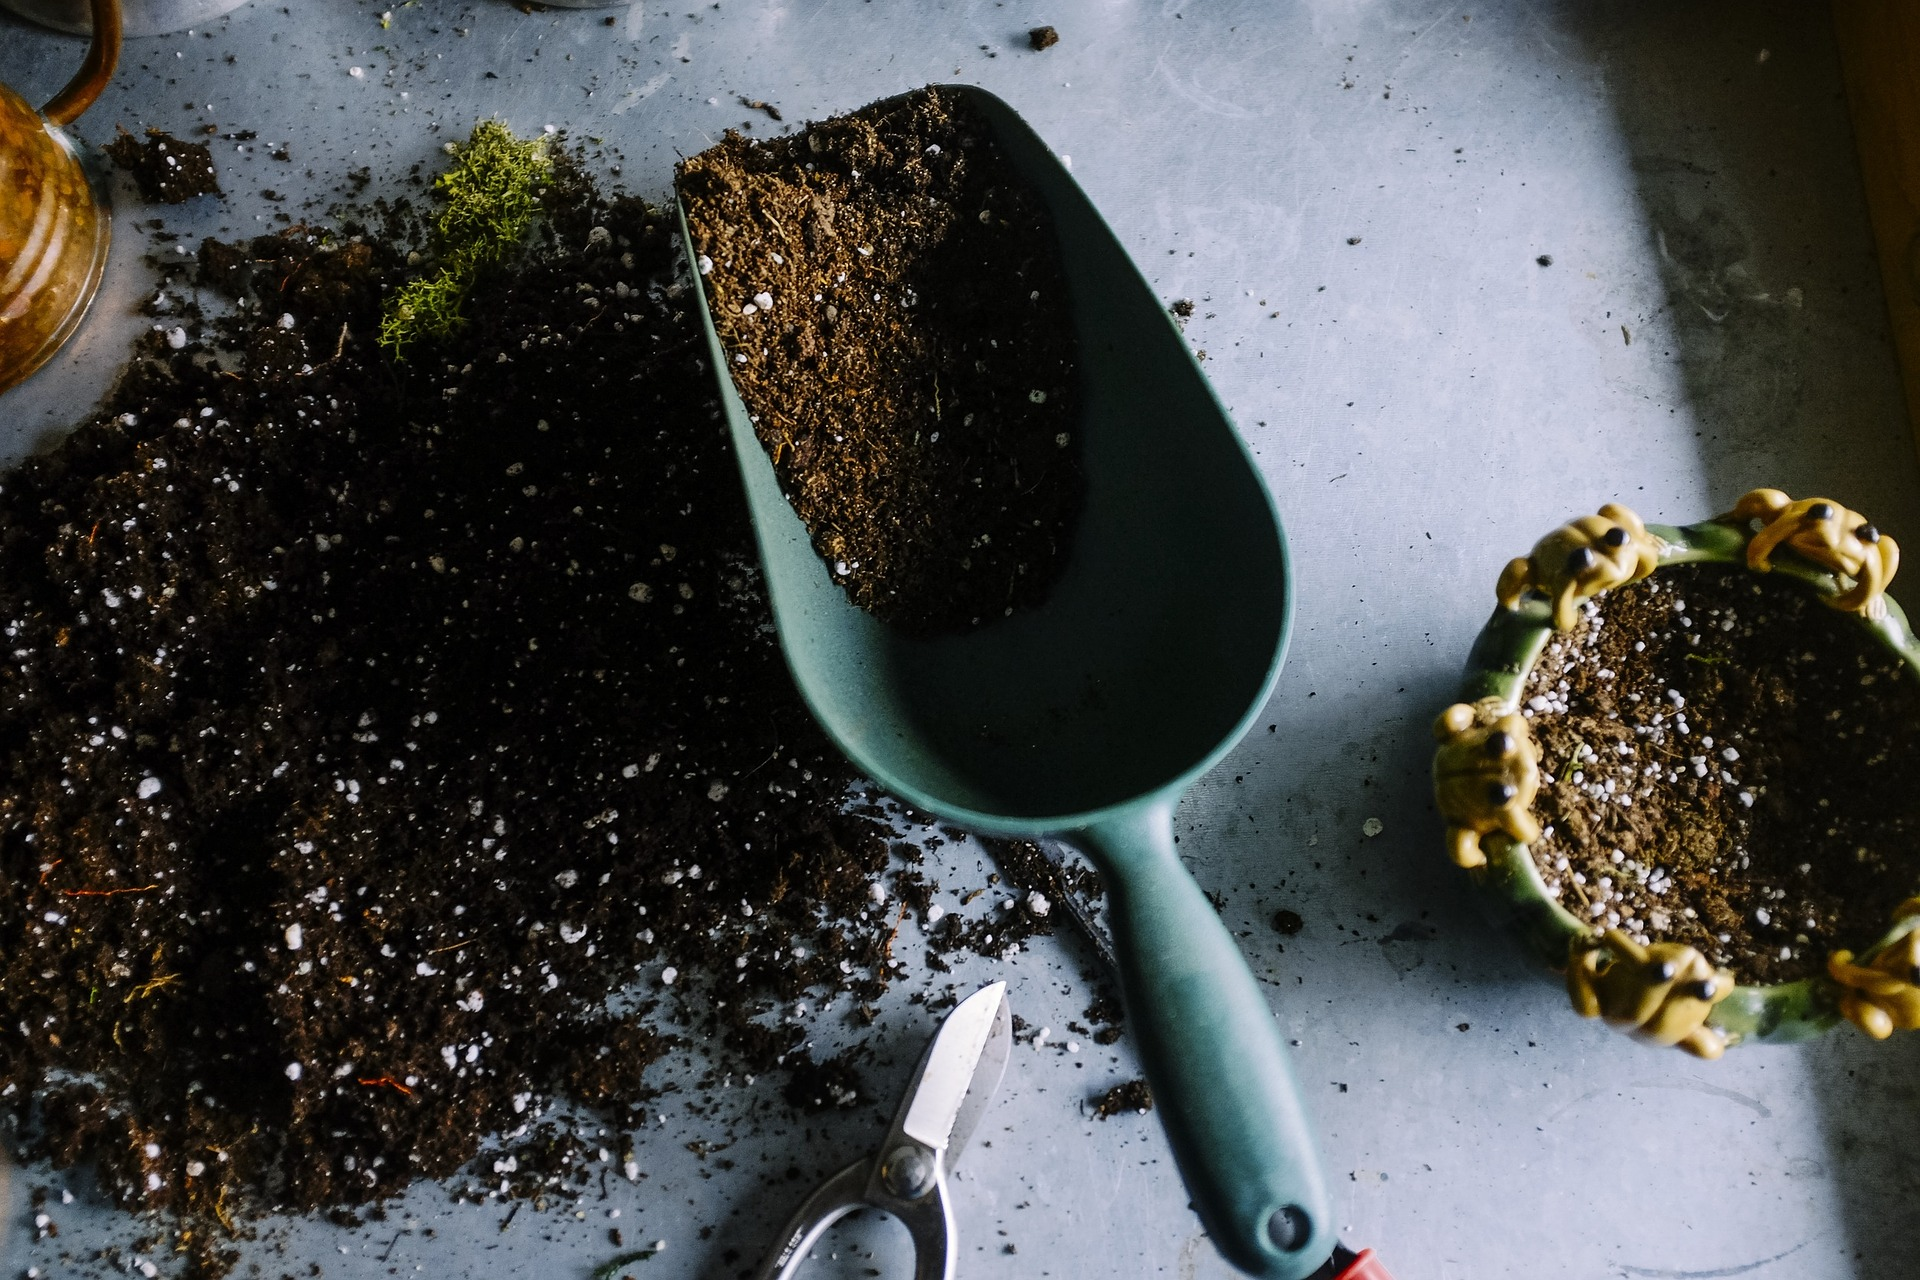 árvores frutíferas em vasos: mudas frutíferas